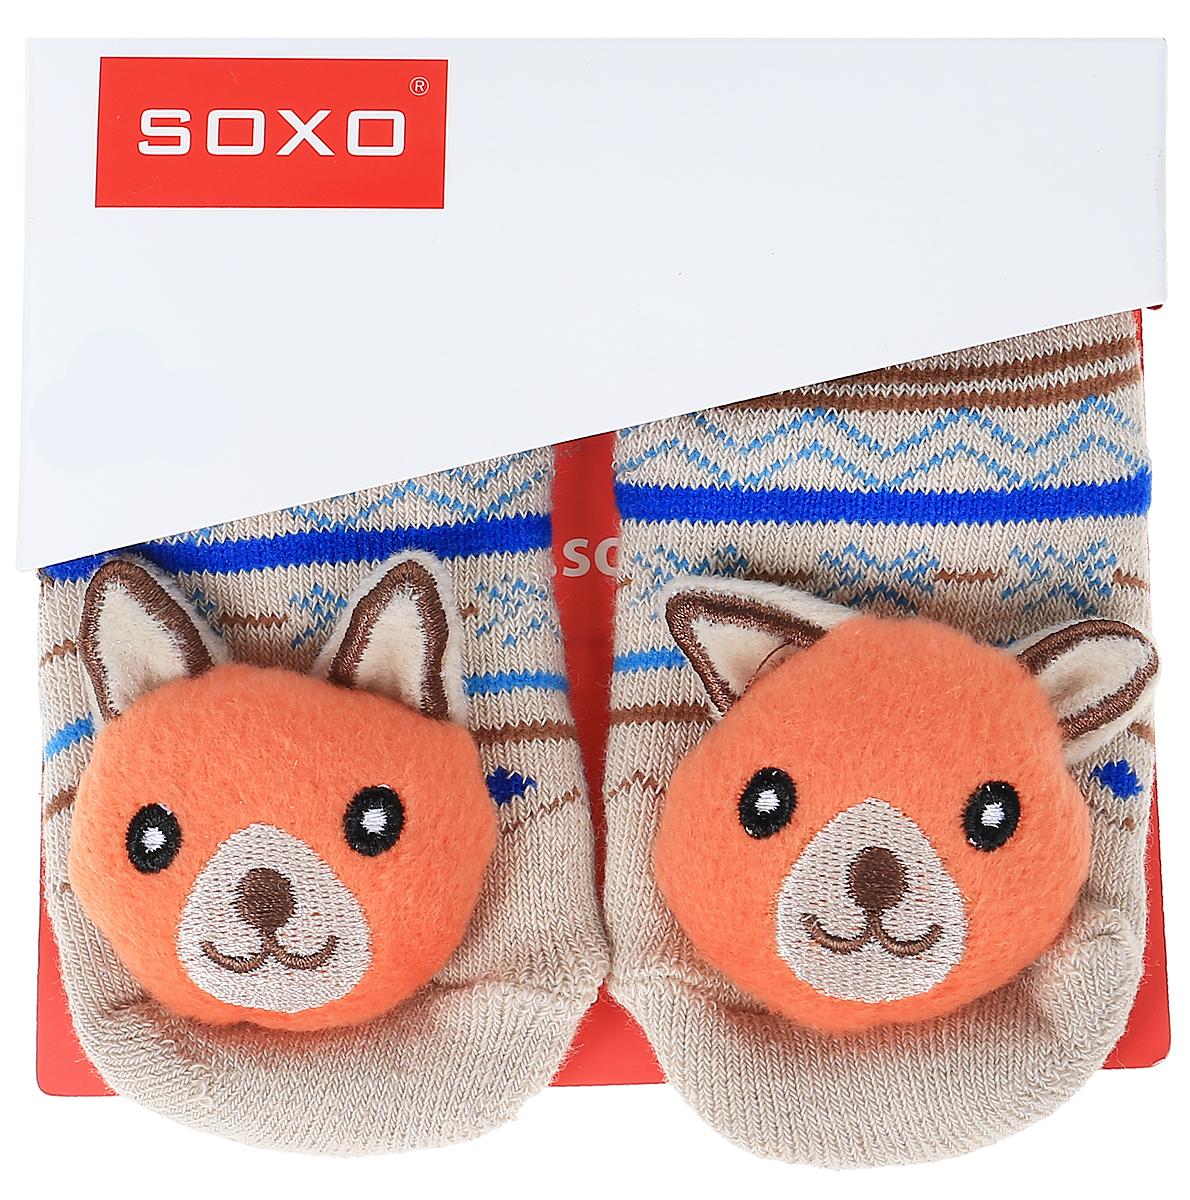 Носки детские Soxo, цвет: бежевый, синий. 46146_4. Размер 16/1846146_4